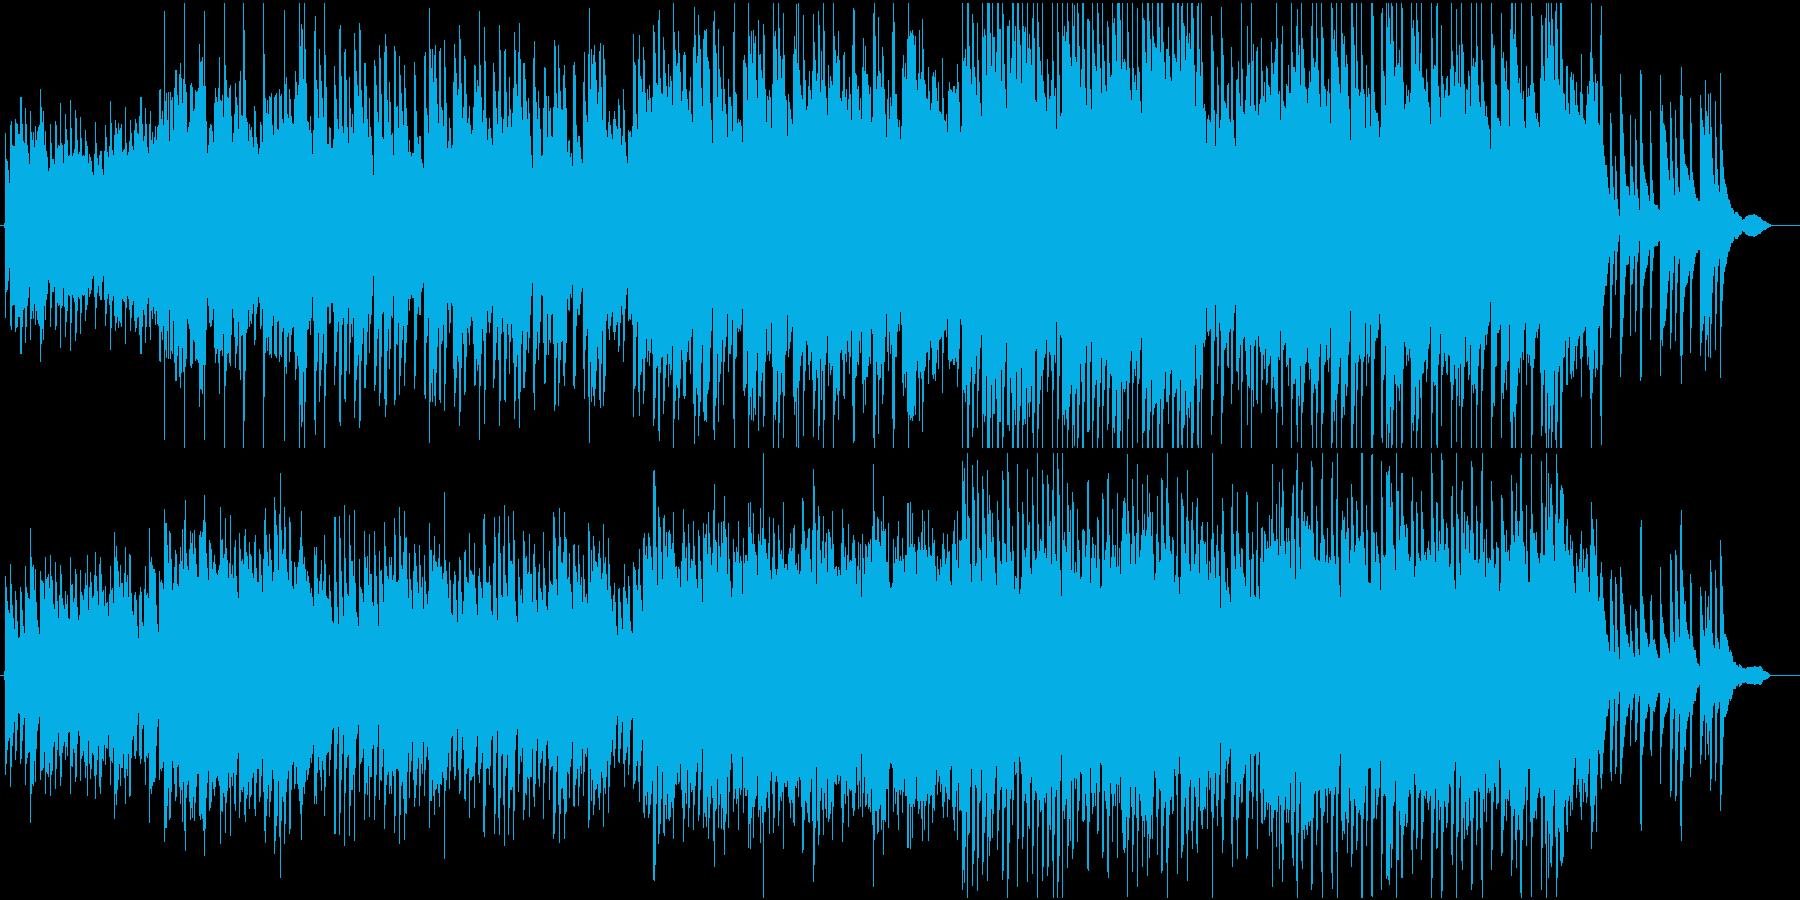 花見に行った気分になれる和風ピアノ曲の再生済みの波形